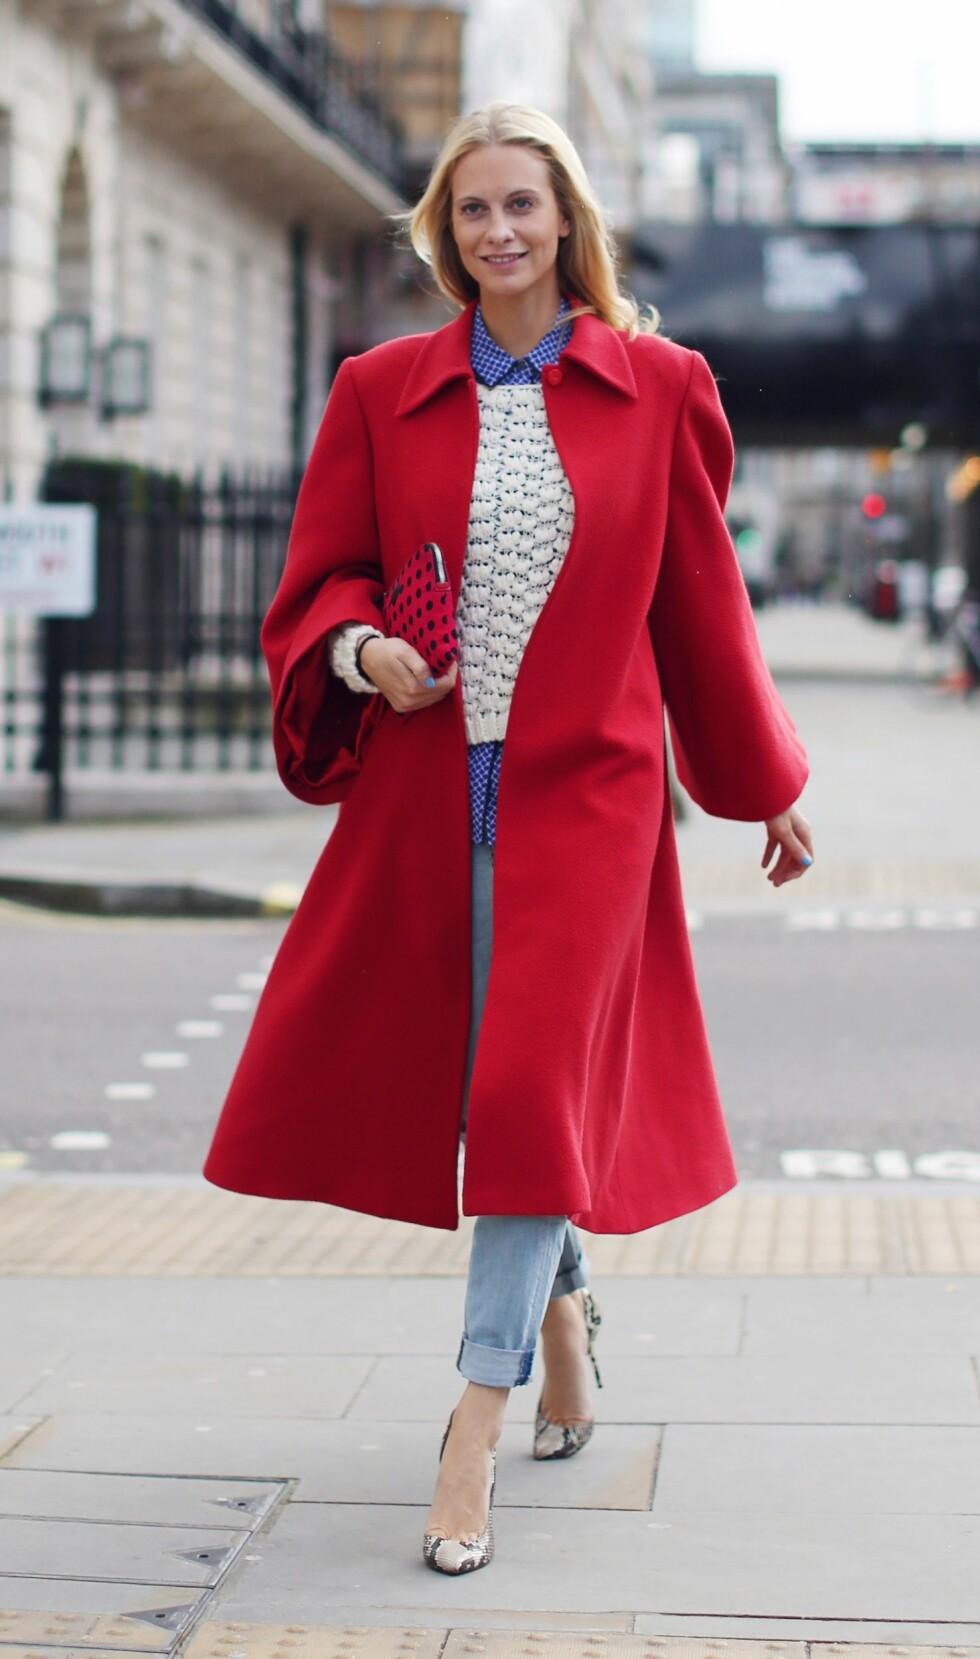 MOTEIKON: Den britiske modellen og fashionistaen Poppy Delevingne er tidlig ute med de heteste trendene, og allerede i fjor vinter brukte hun en stor, rød kåpe under moteukene.  Foto: All Over